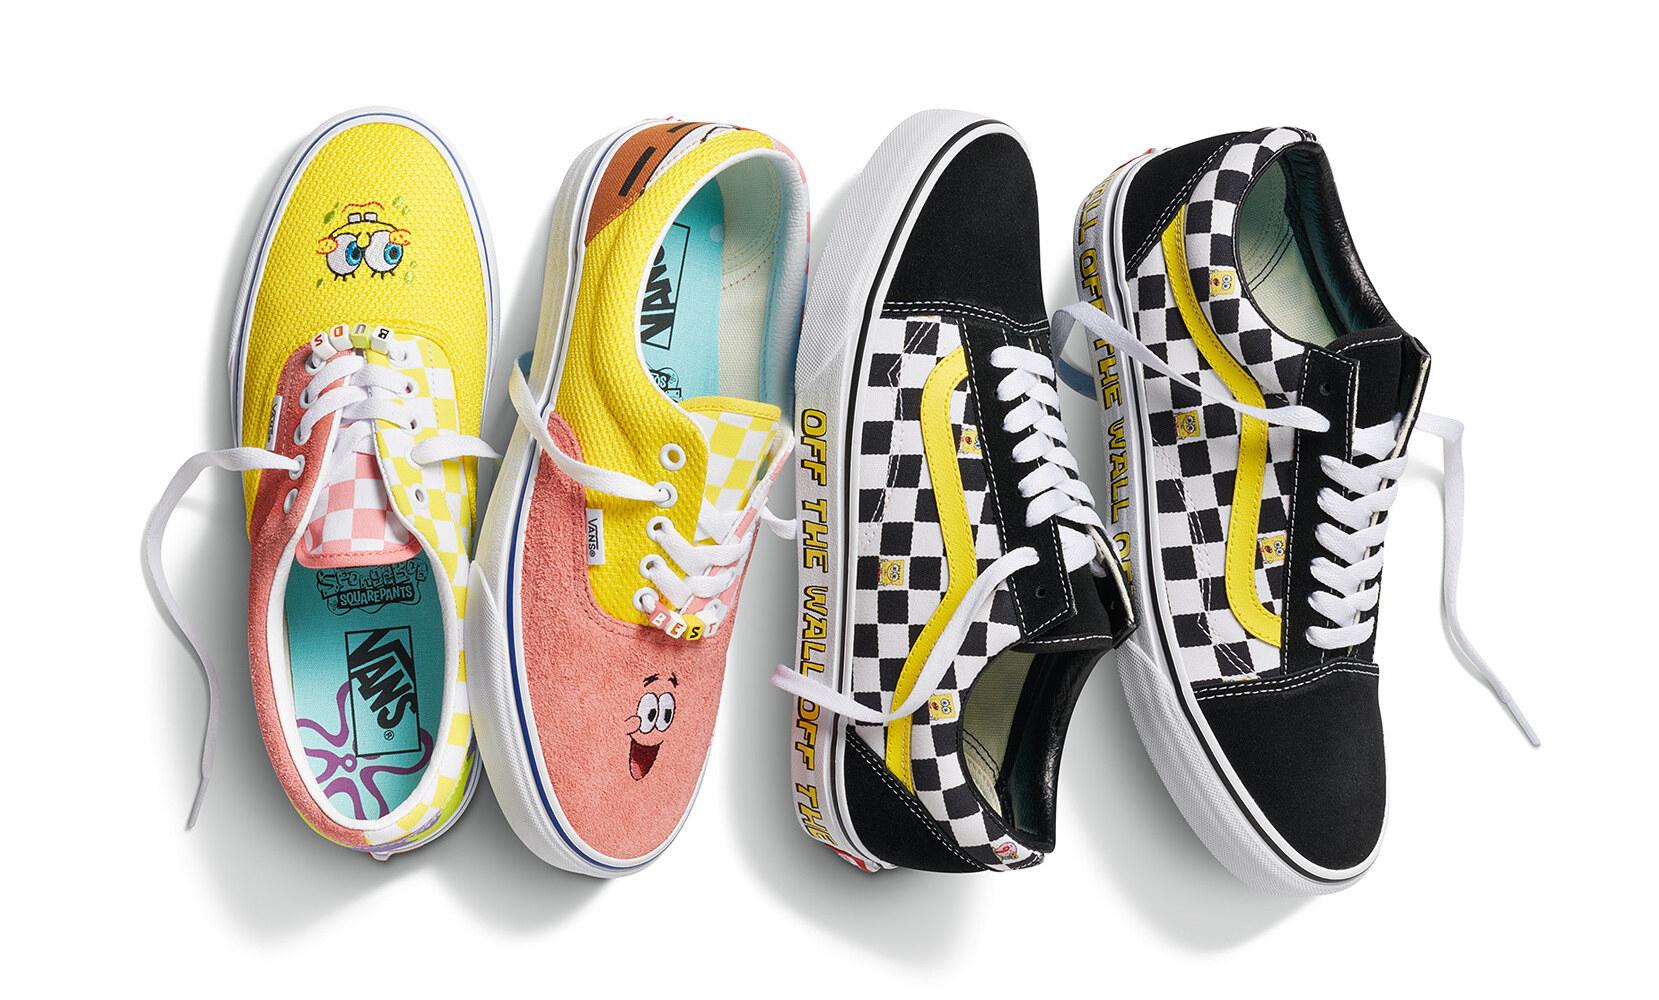 Vans x Nickelodeon SpongeBob Sandy Liang